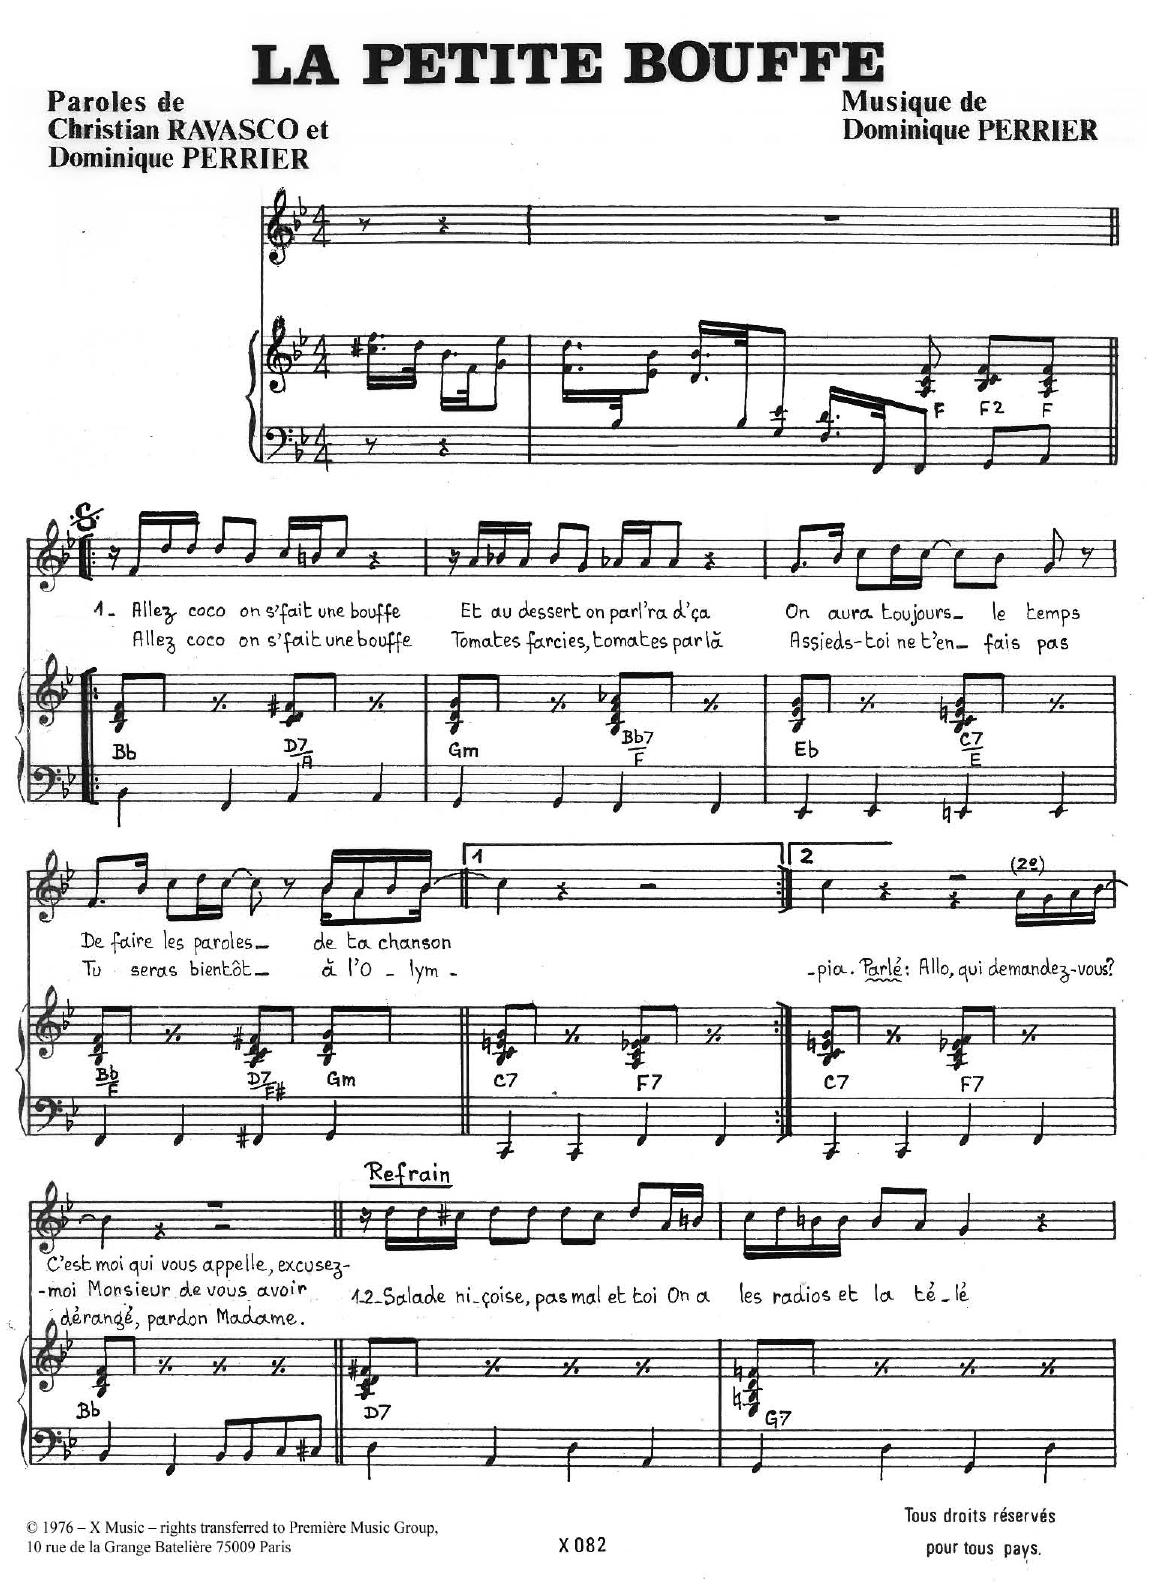 La Petite Bouffe Sheet Music